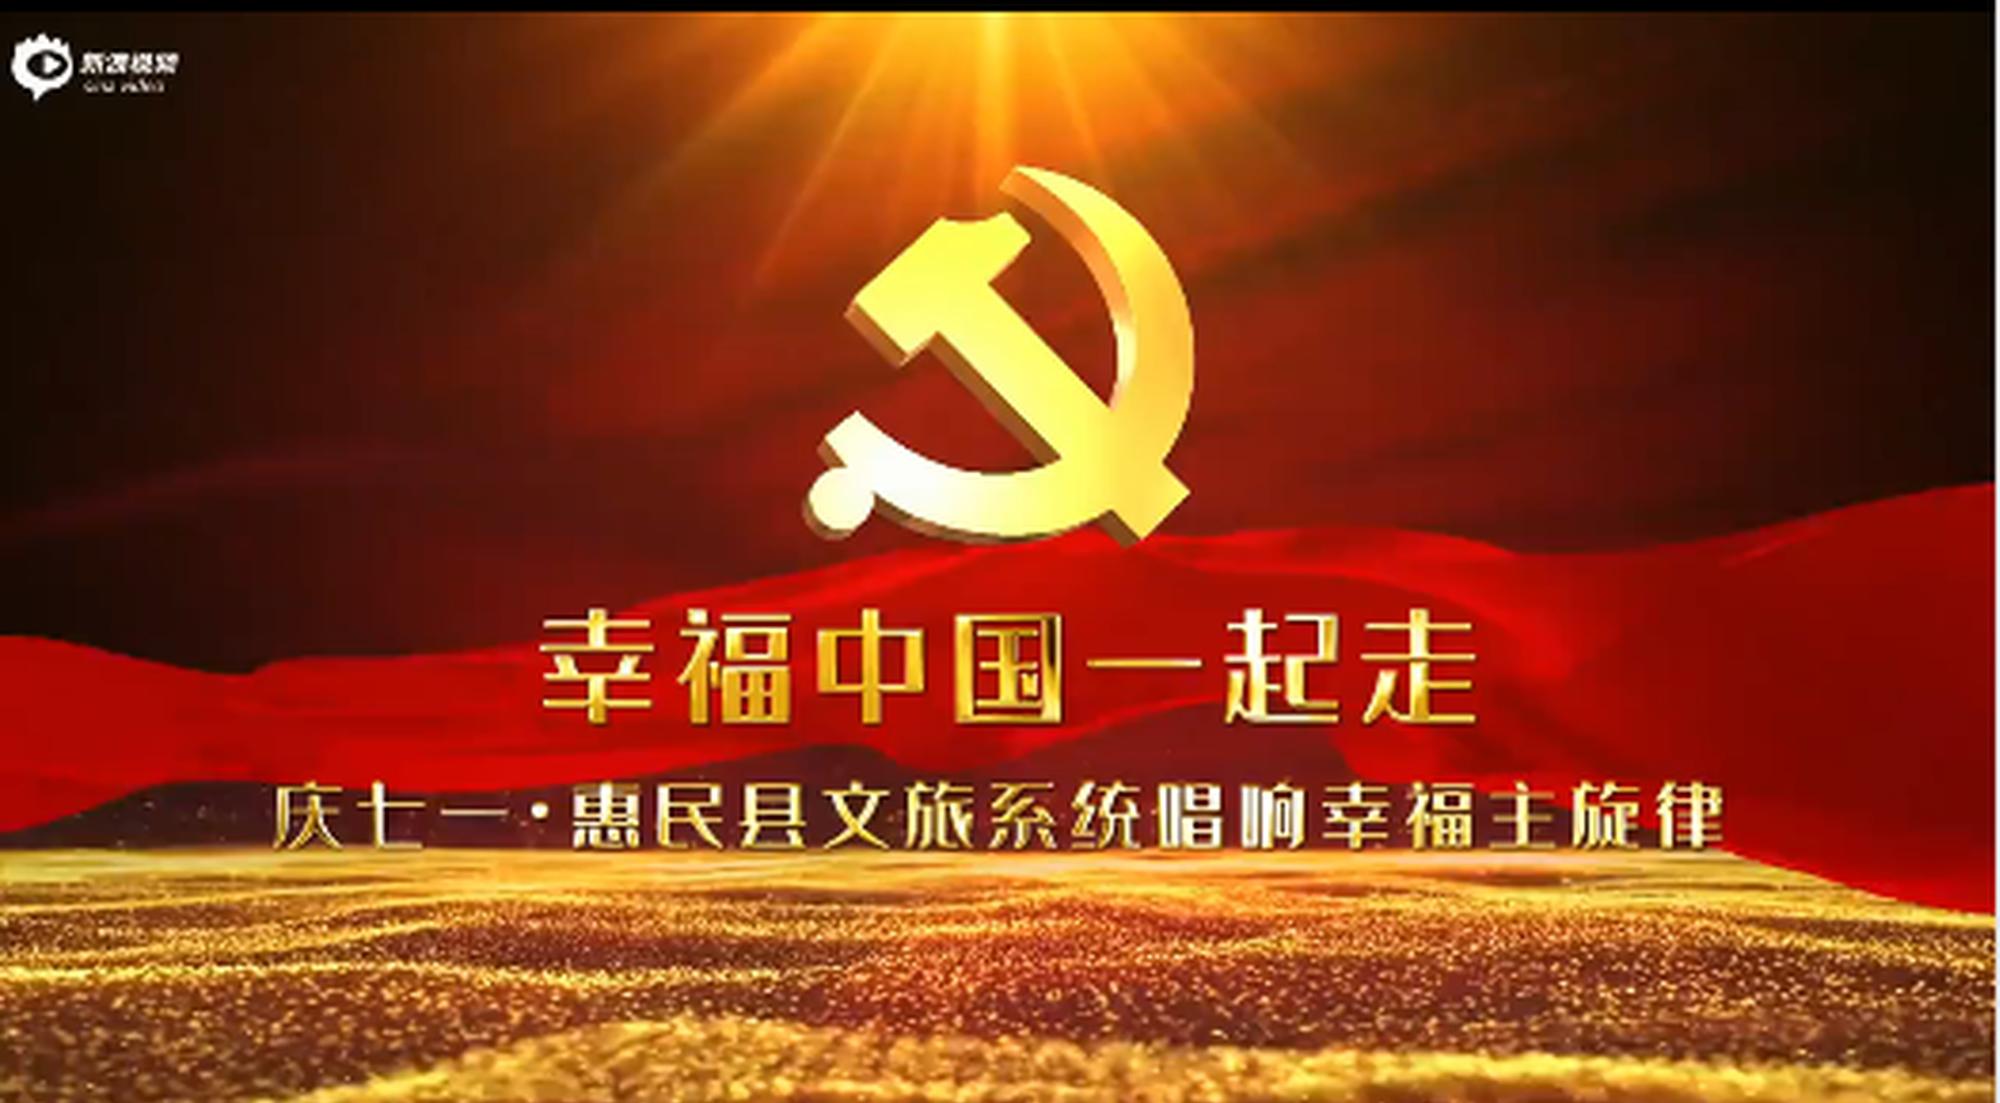 惠民县文旅系统唱响幸福主旋律